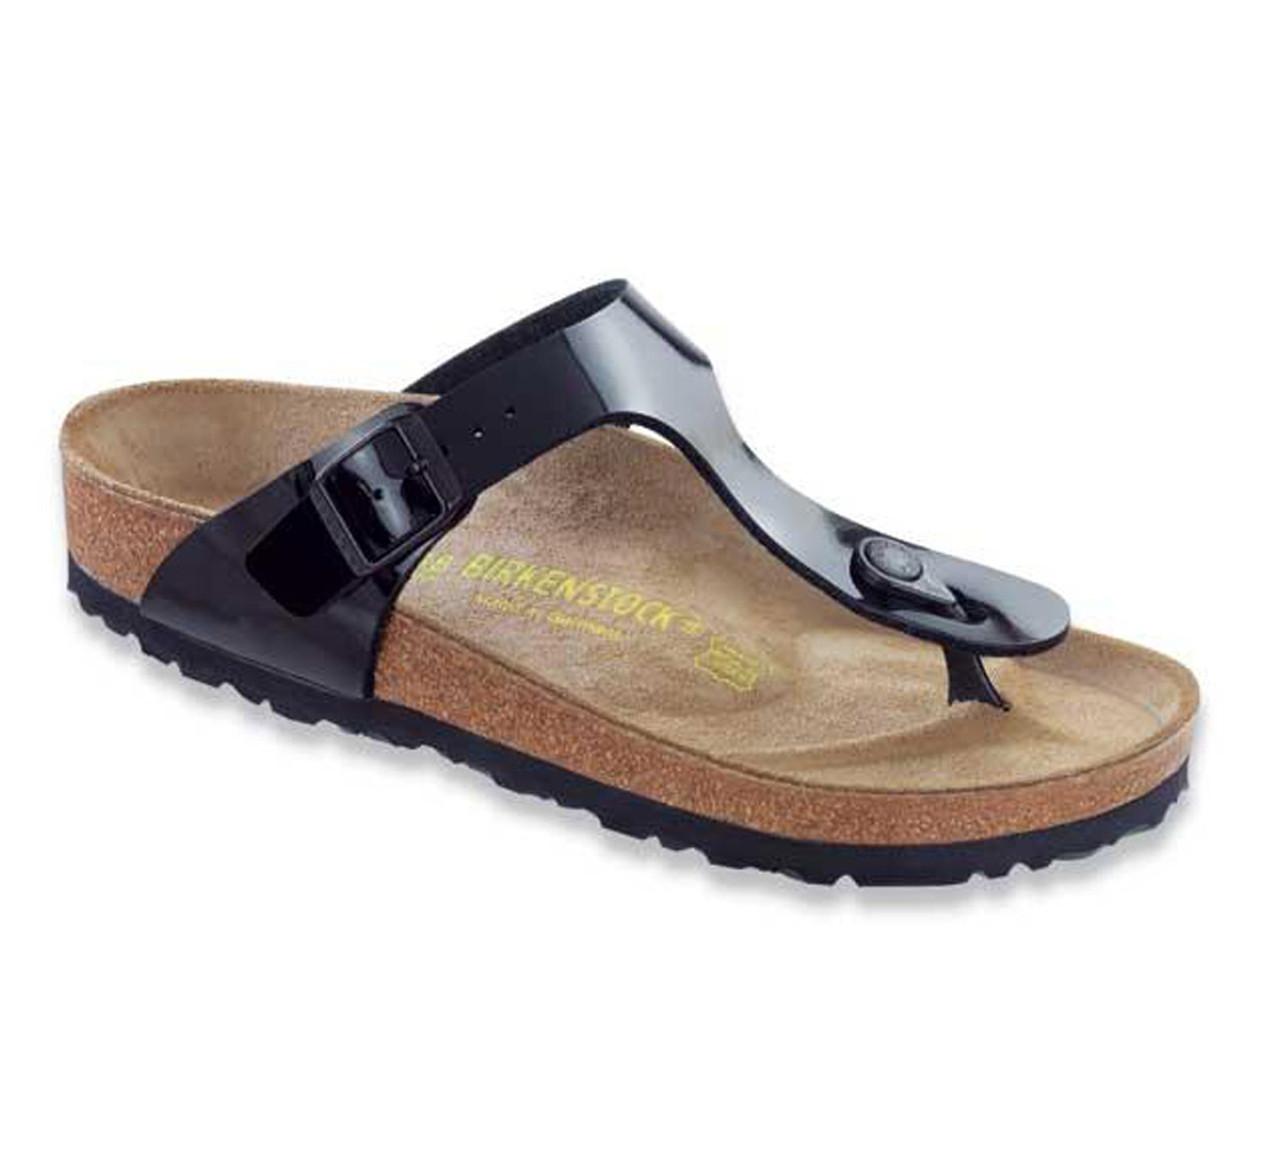 6708ad3d4 Birkenstock Women s Gizeh Sandal Black Patent - Shop now   Shoolu.com